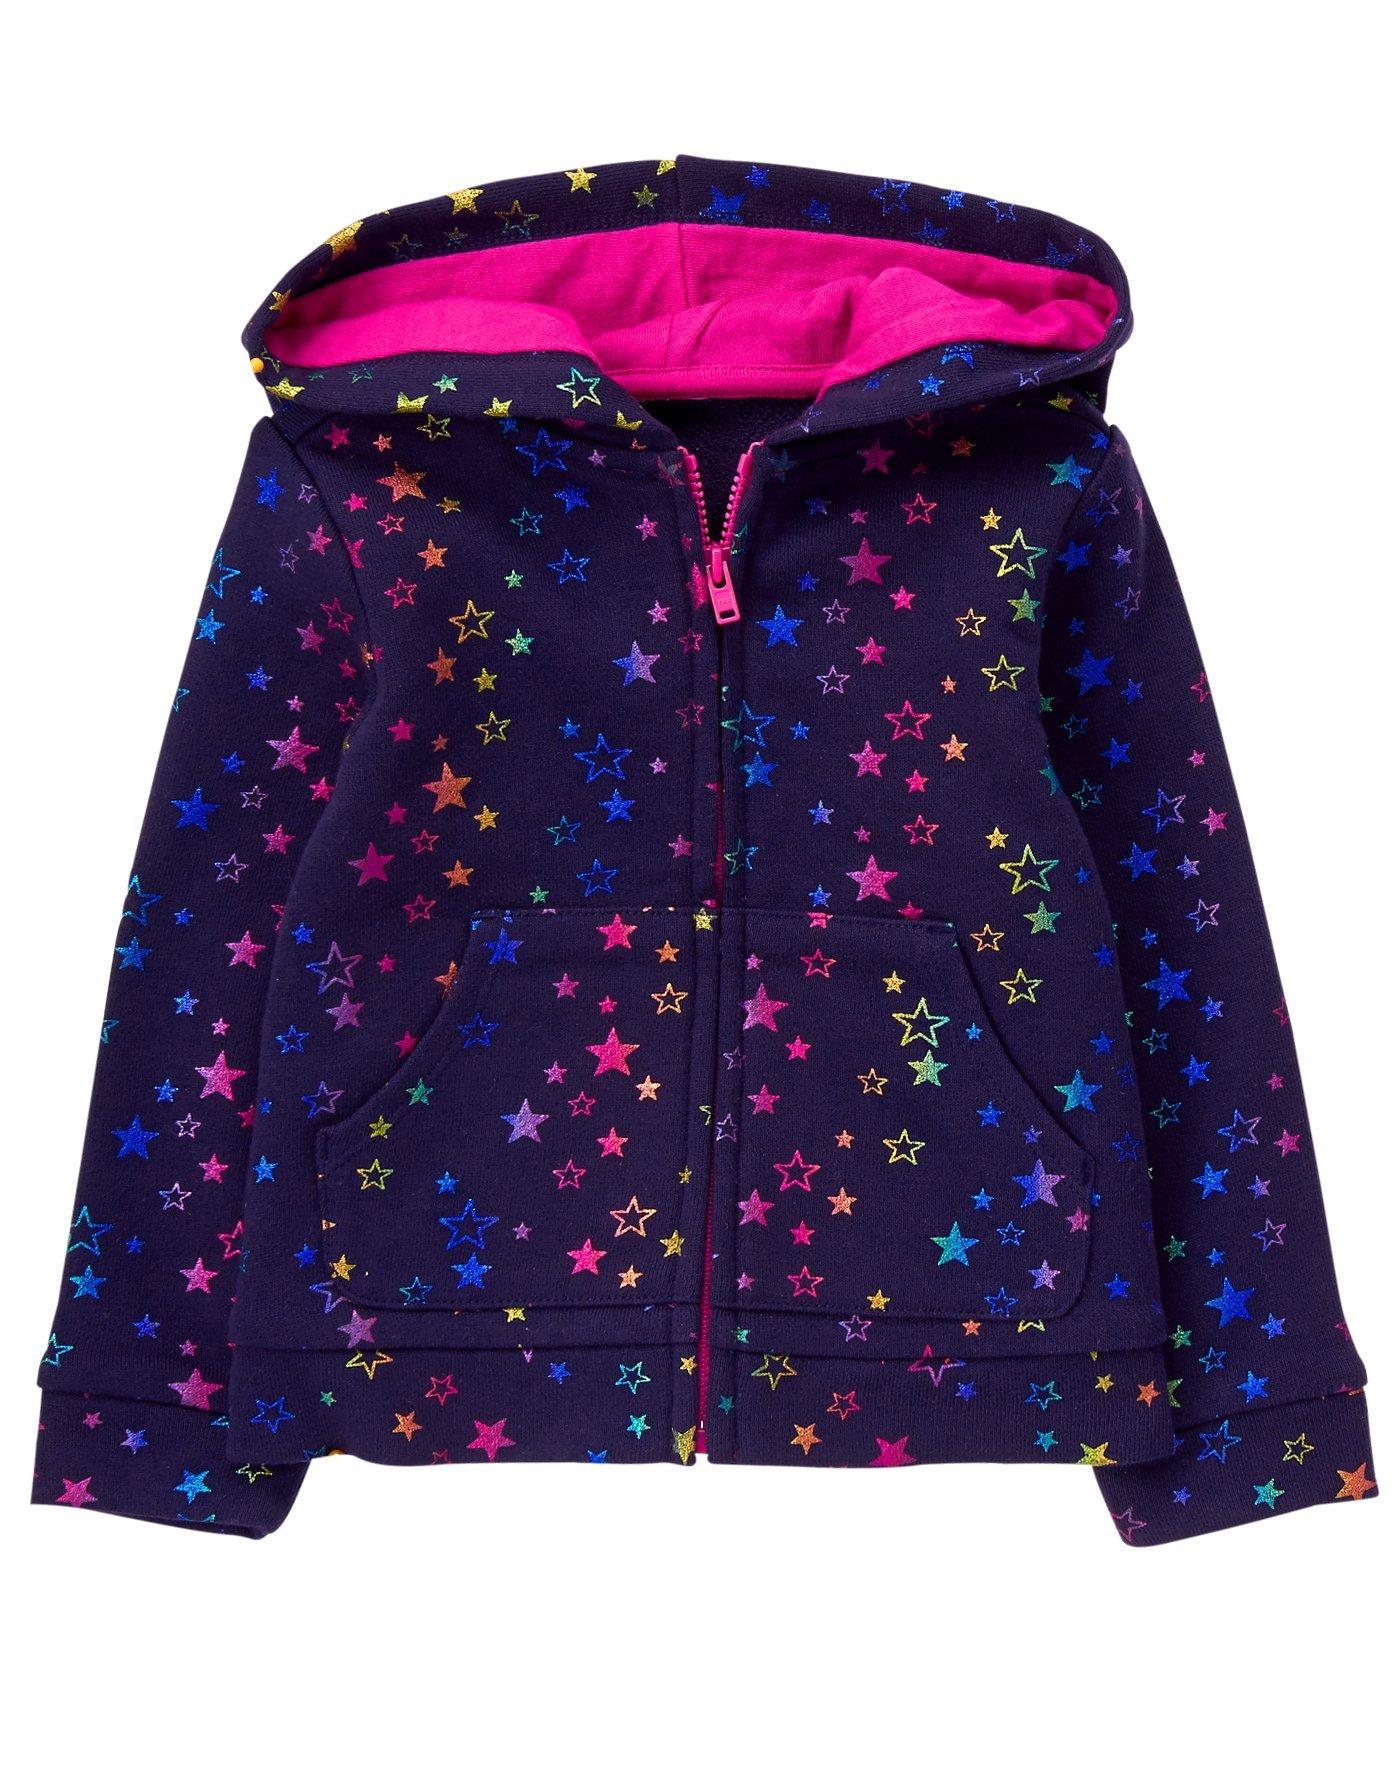 Gymboree Toddler Girls' Star Print Jacket, Bulldozer Blue, 3T